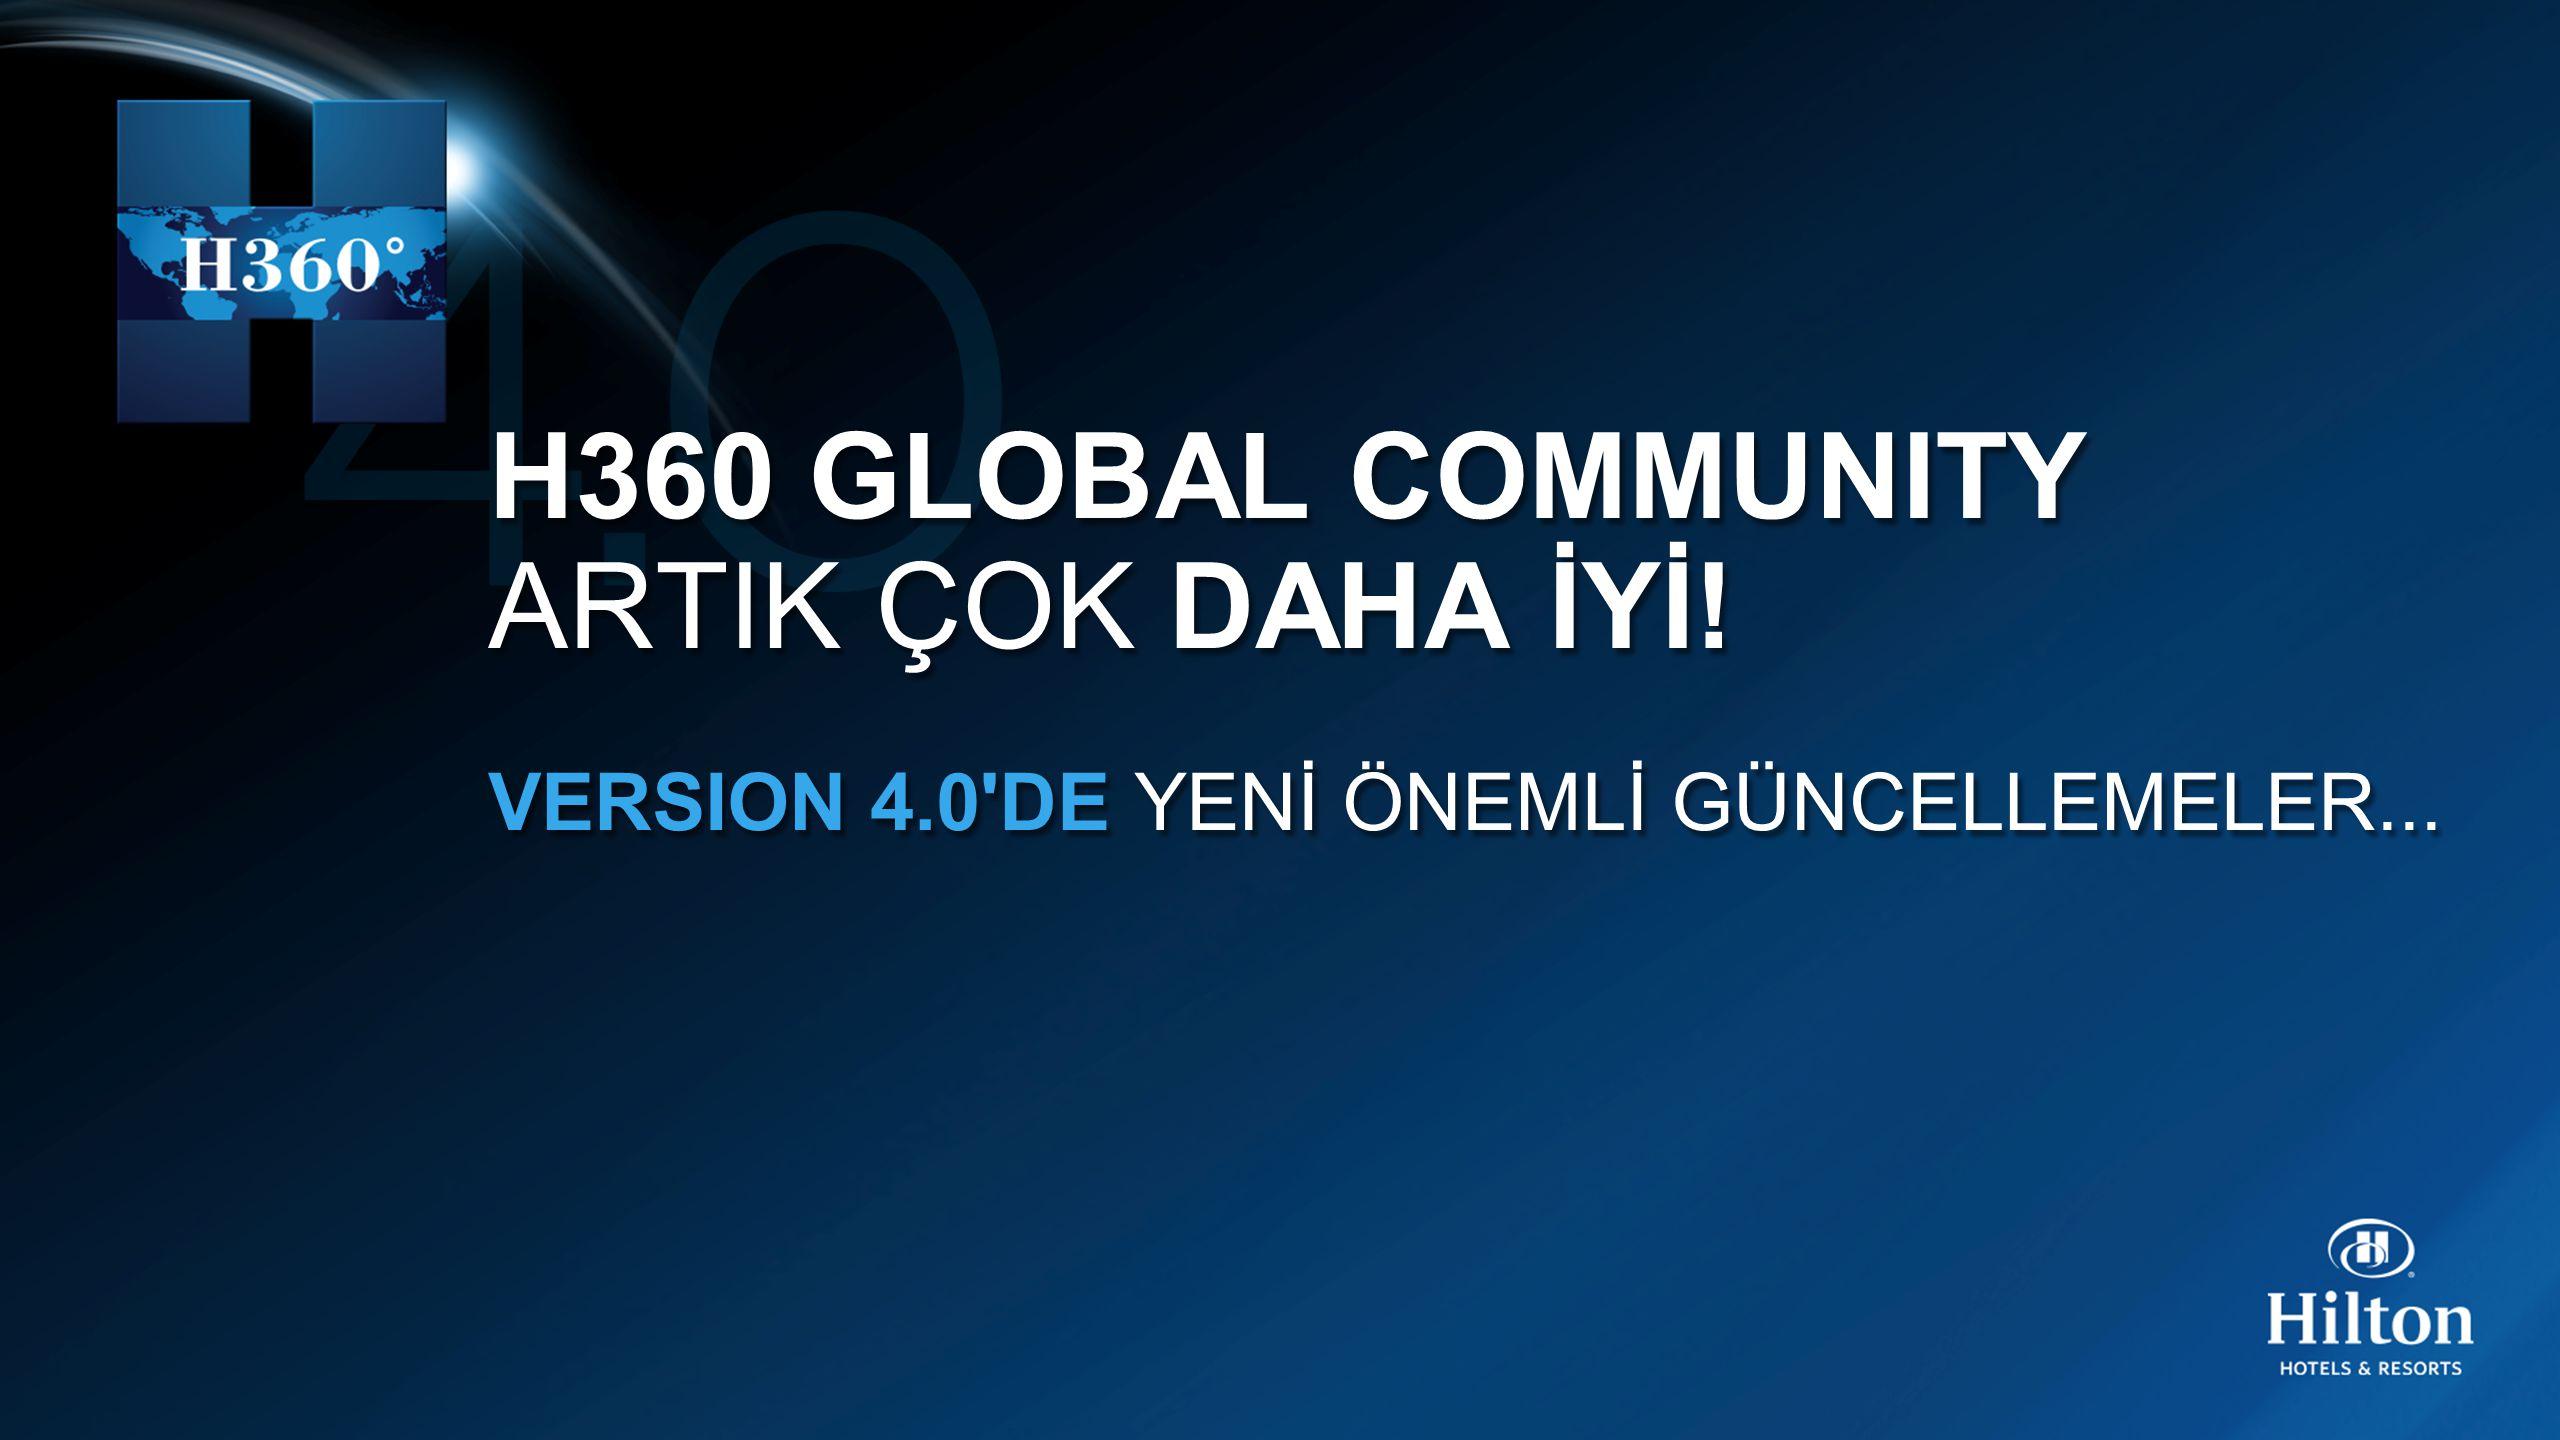 H360 GLOBAL COMMUNITY ARTIK ÇOK DAHA İYİ.VERSION 4.0 DE YENİ ÖNEMLİ GÜNCELLEMELER...